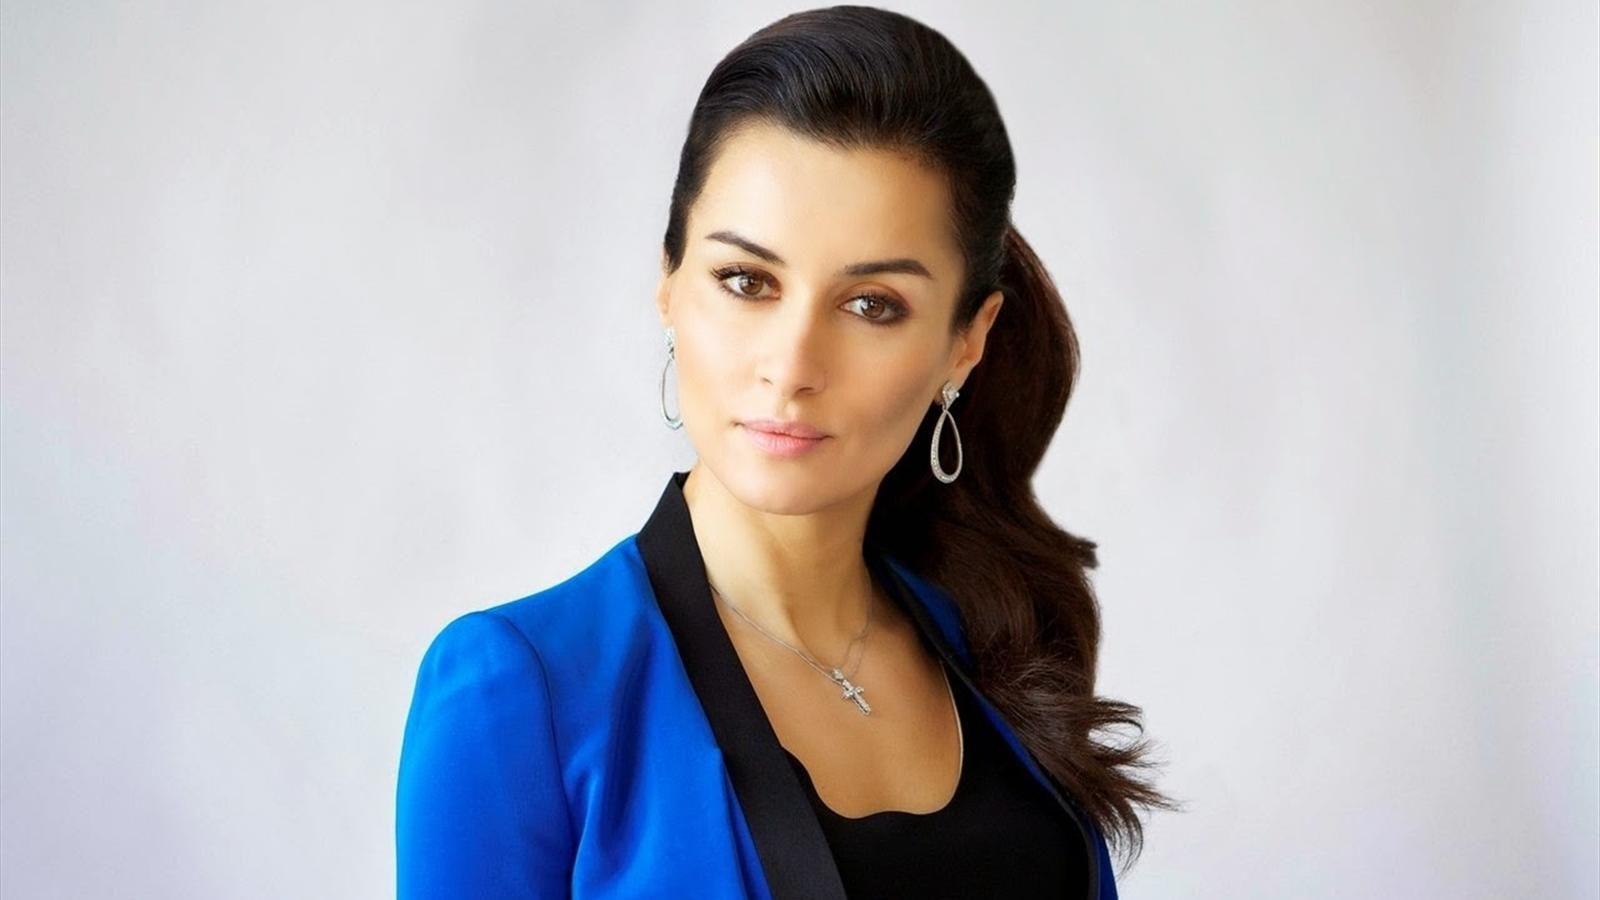 Тина Канделаки поделилась информацией о своем браке